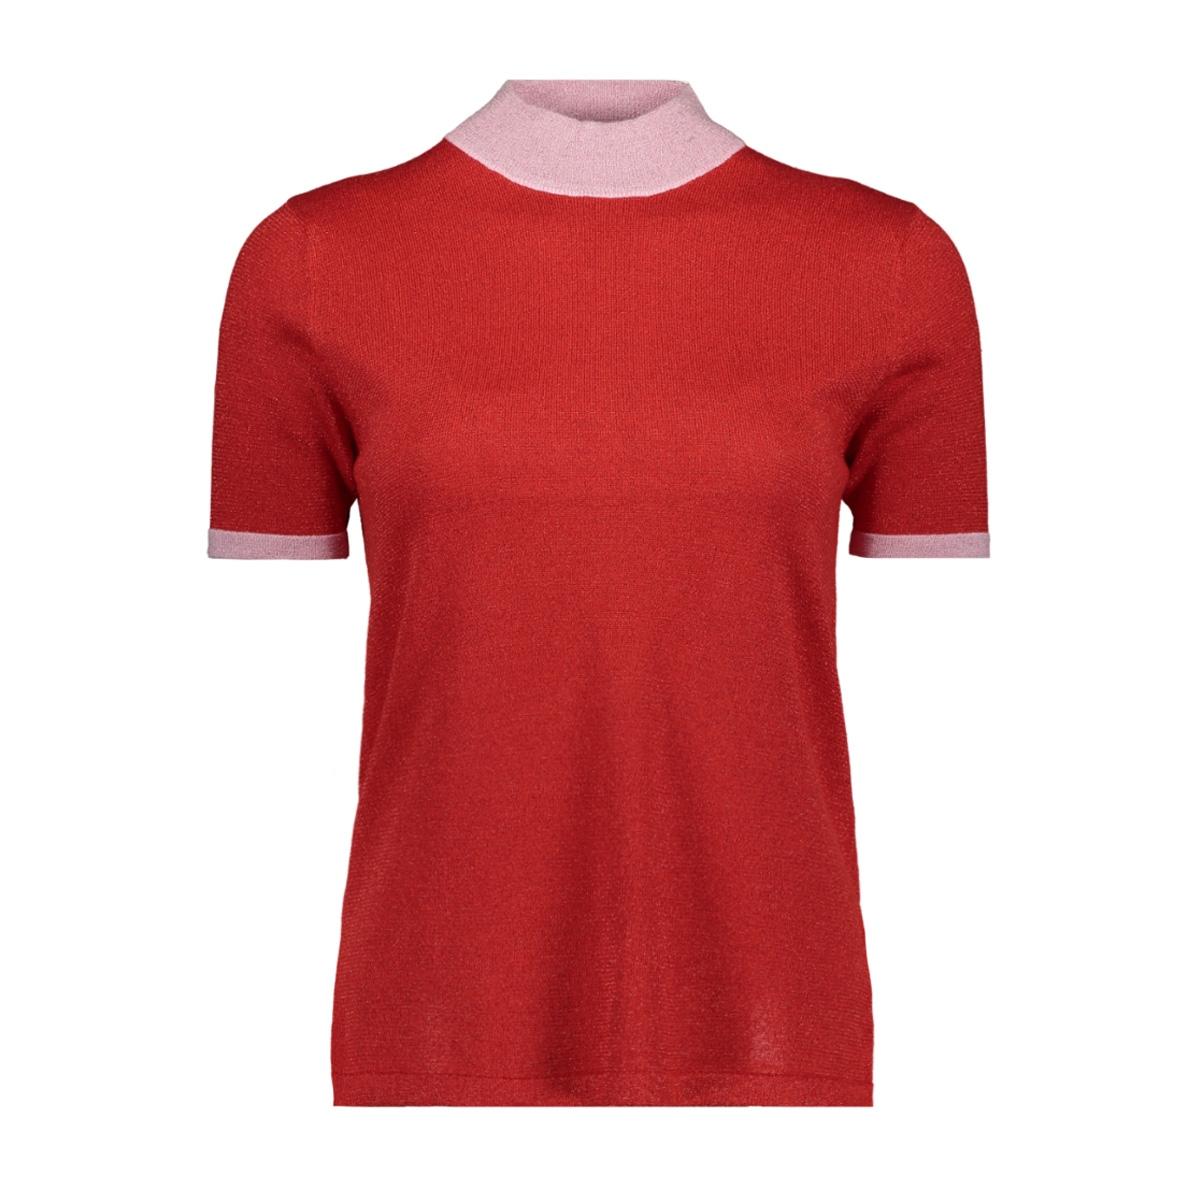 vmlucile contrast ss highneck blous 10211898 vero moda t-shirt fiery red/dtm lurex